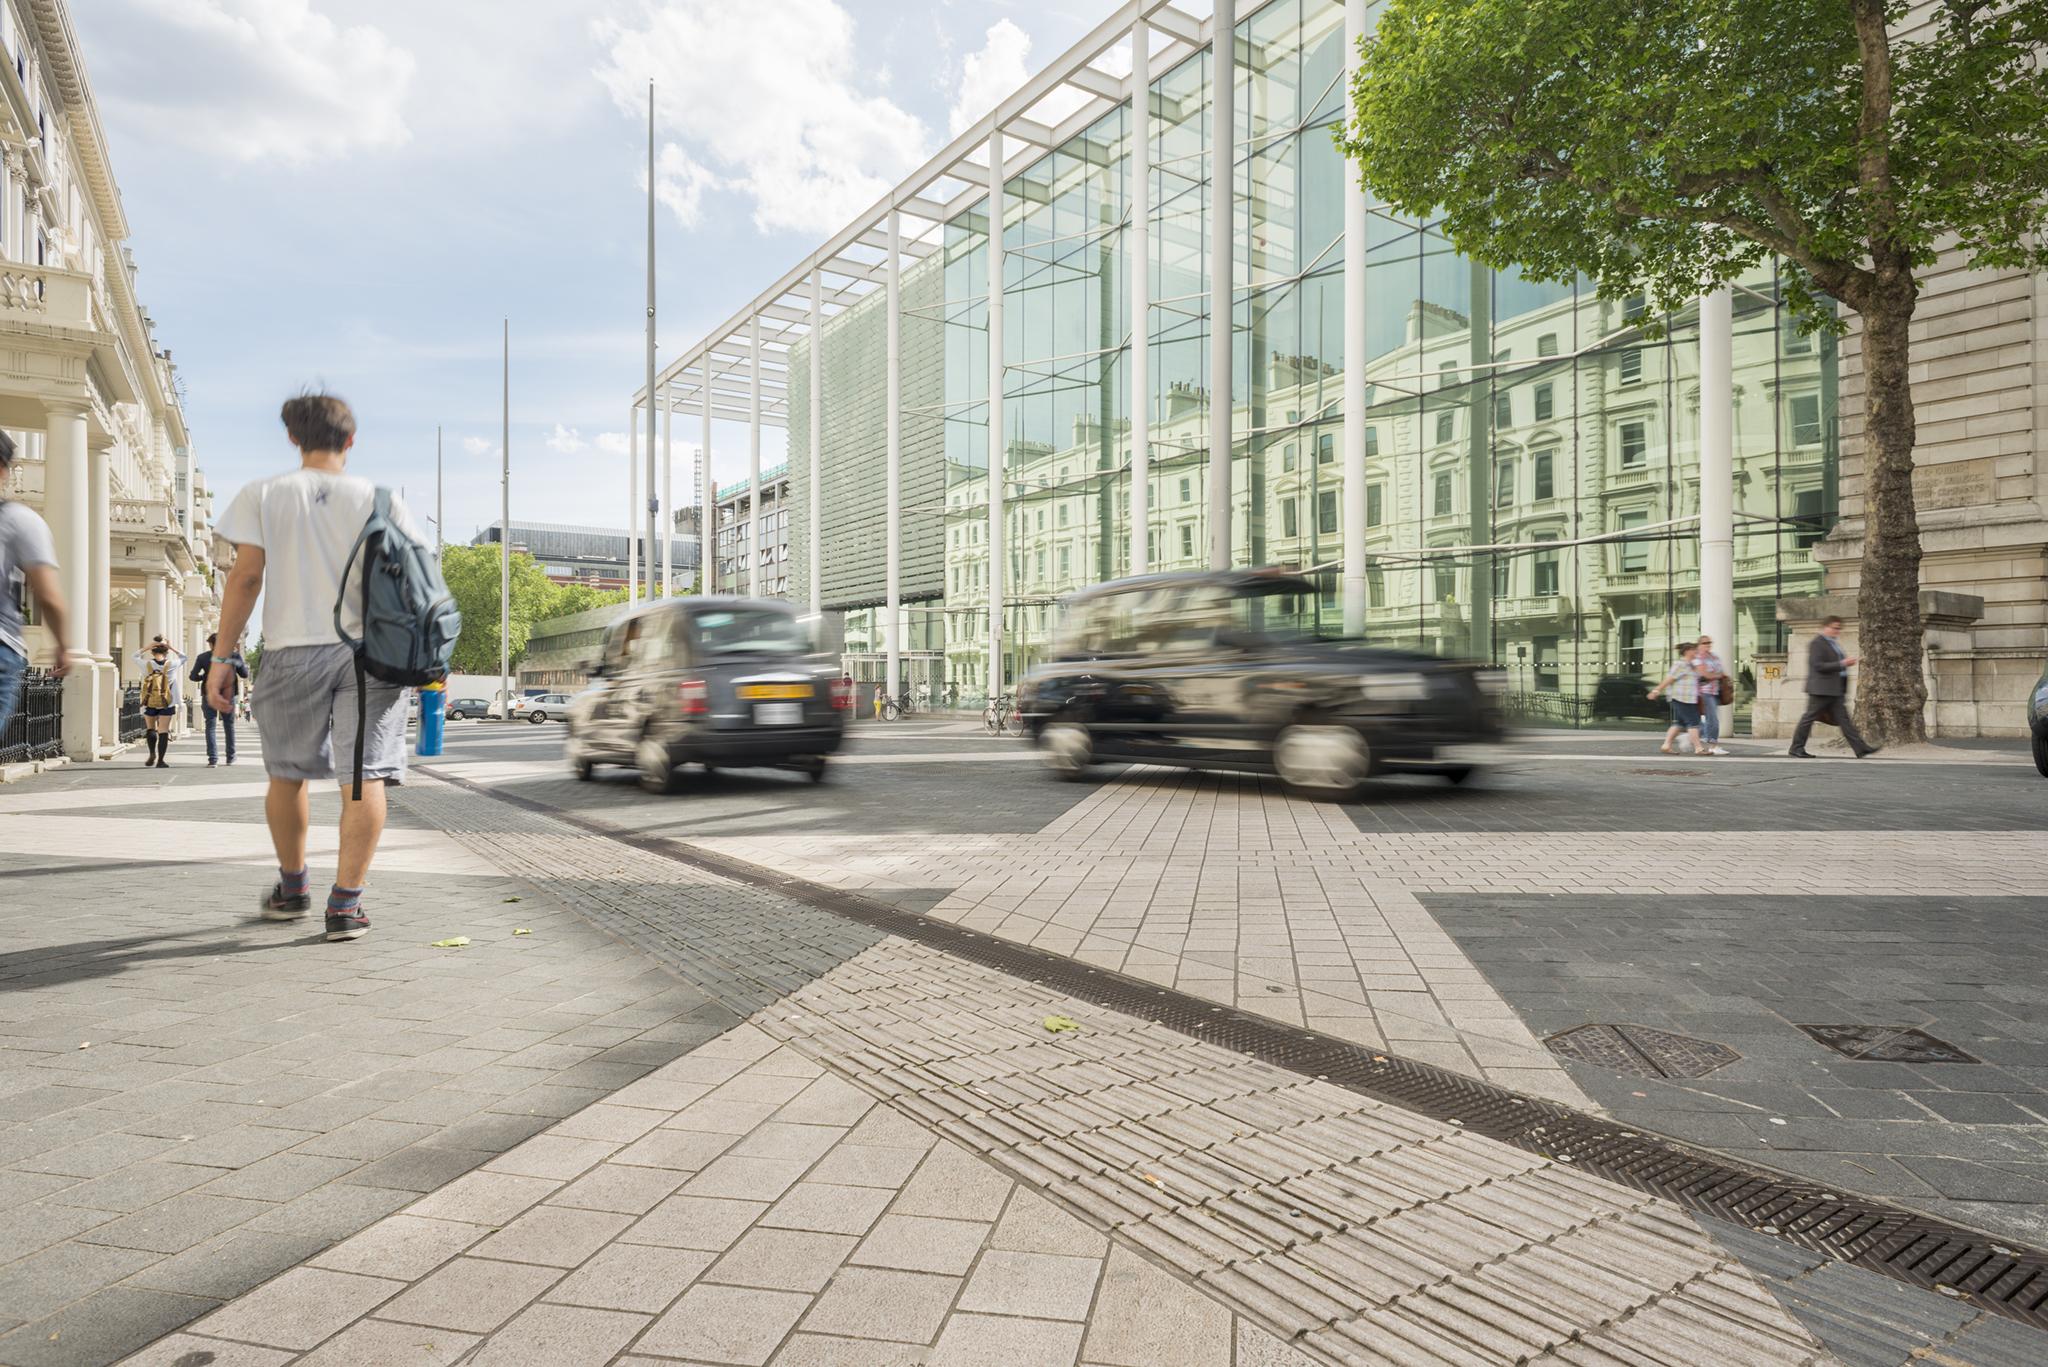 Block paving in busy public street